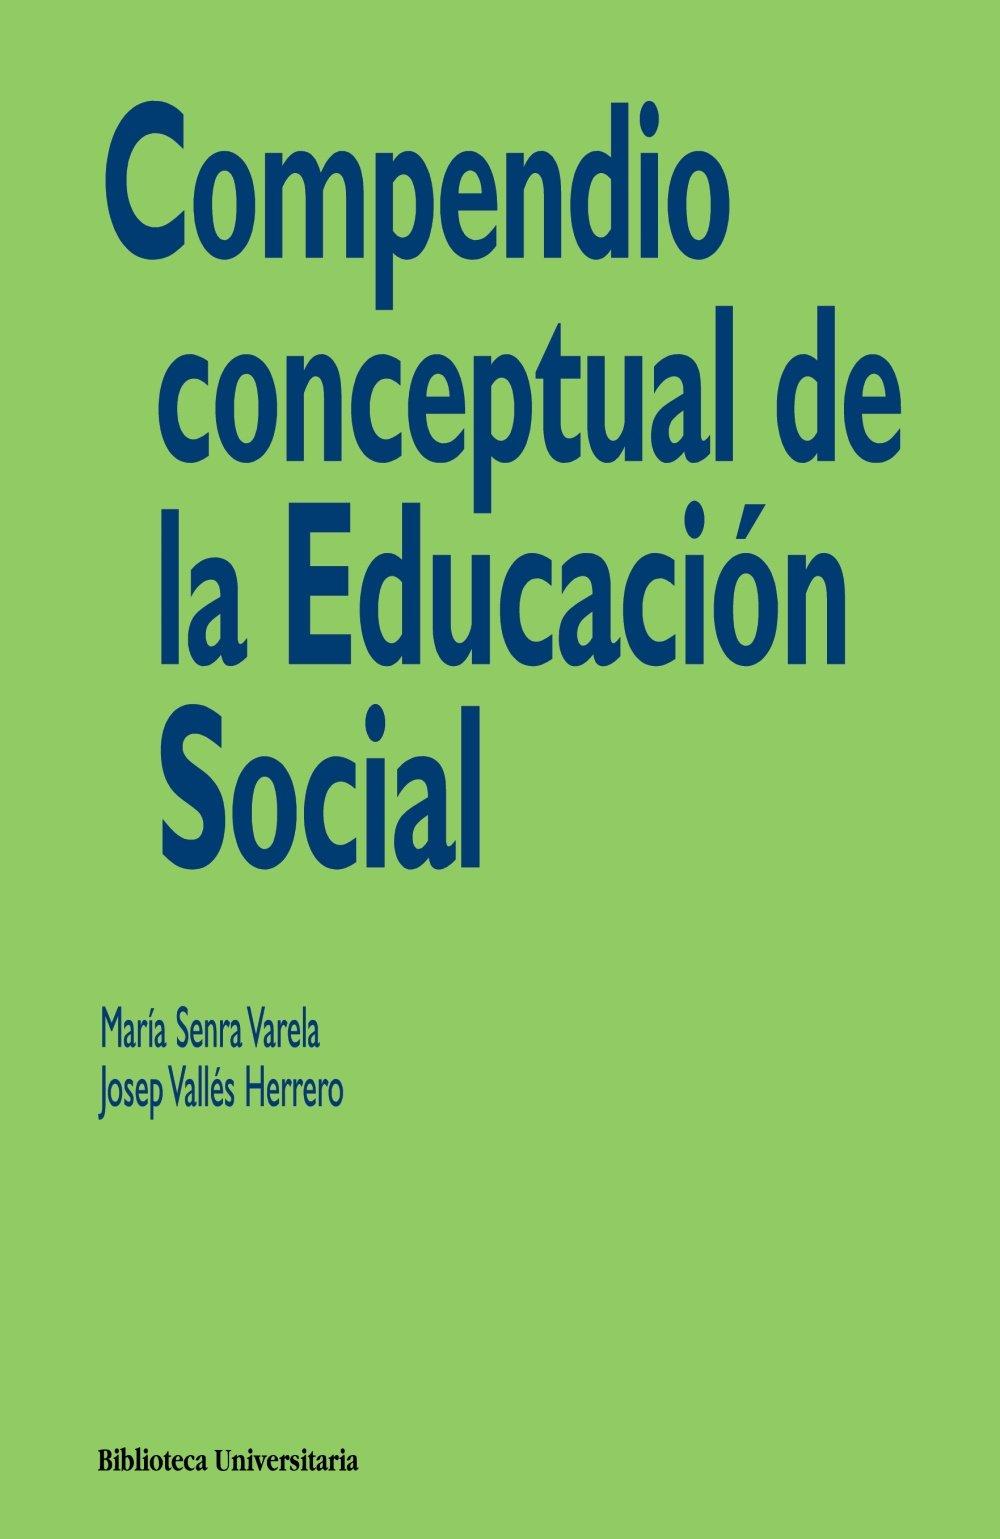 Read Online Compendio conceptual de la educacion social / Concept Compendium of social education (Spanish Edition) pdf epub